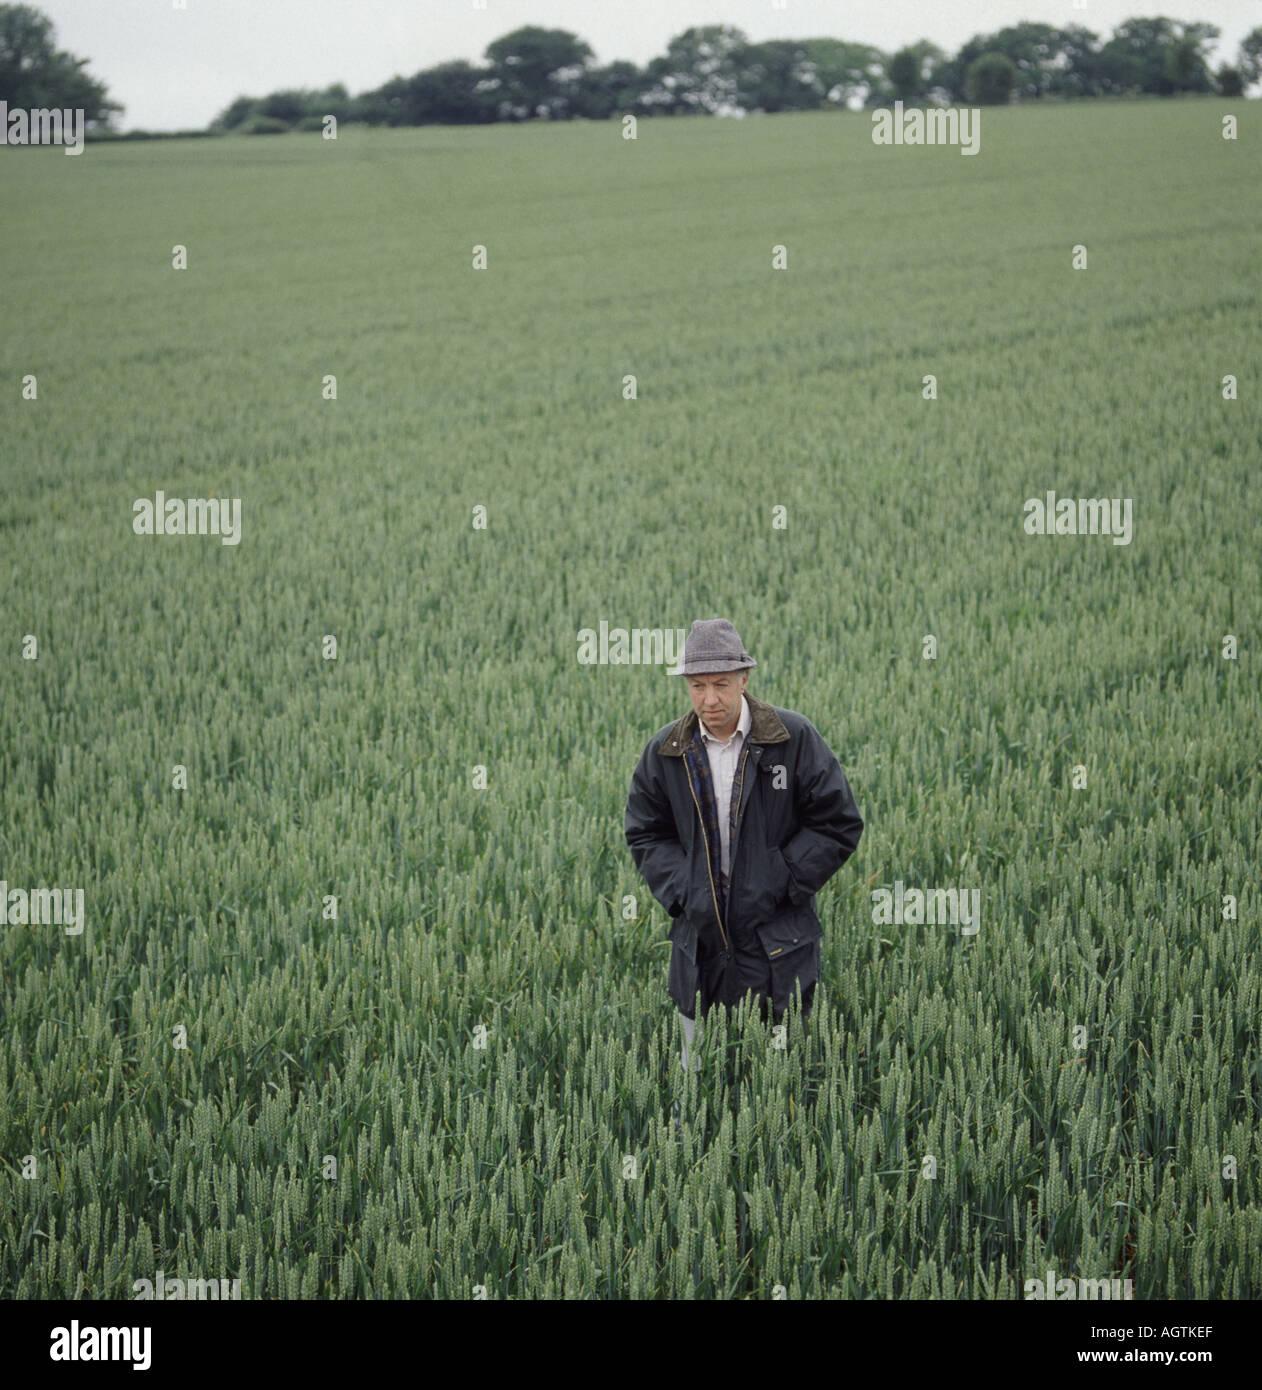 Imprenditore nel campo di grano immaturo indossando giacca di cera Immagini  Stock 264d535d9300